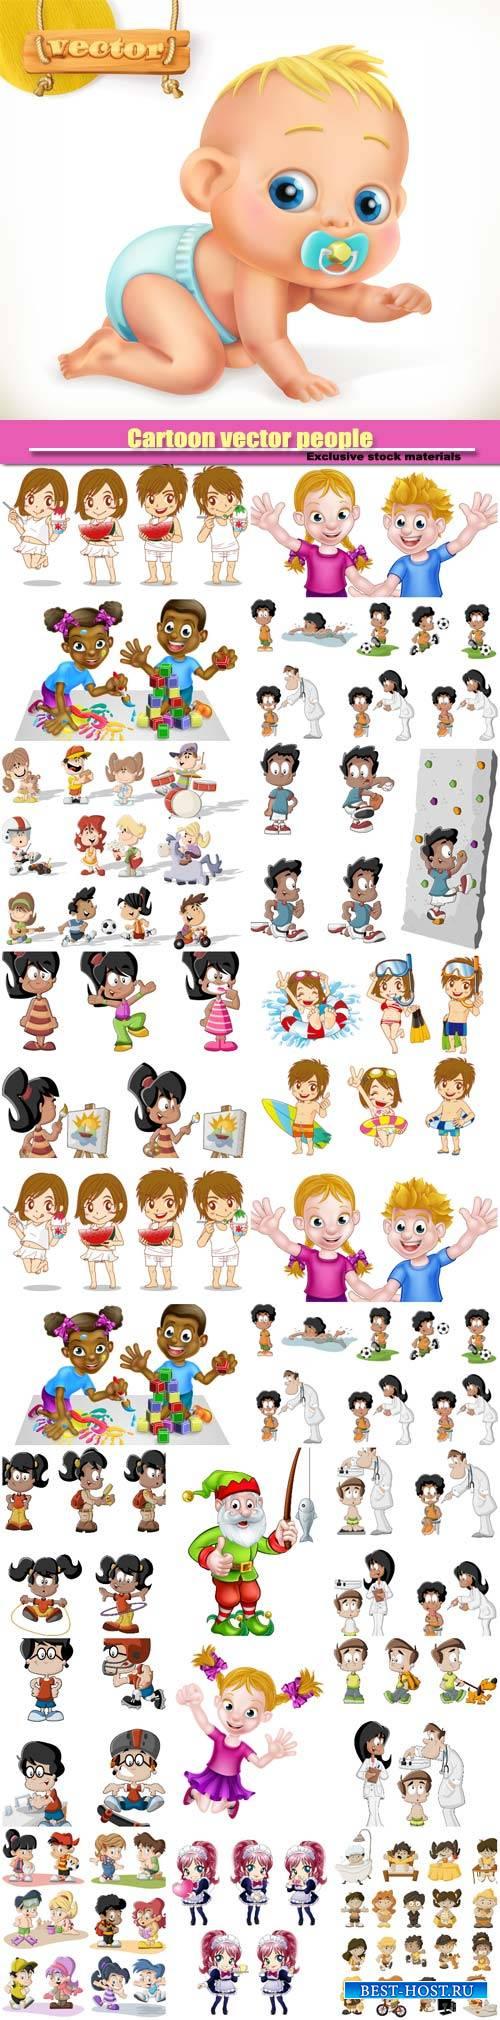 Cartoon vector people, boy and girl